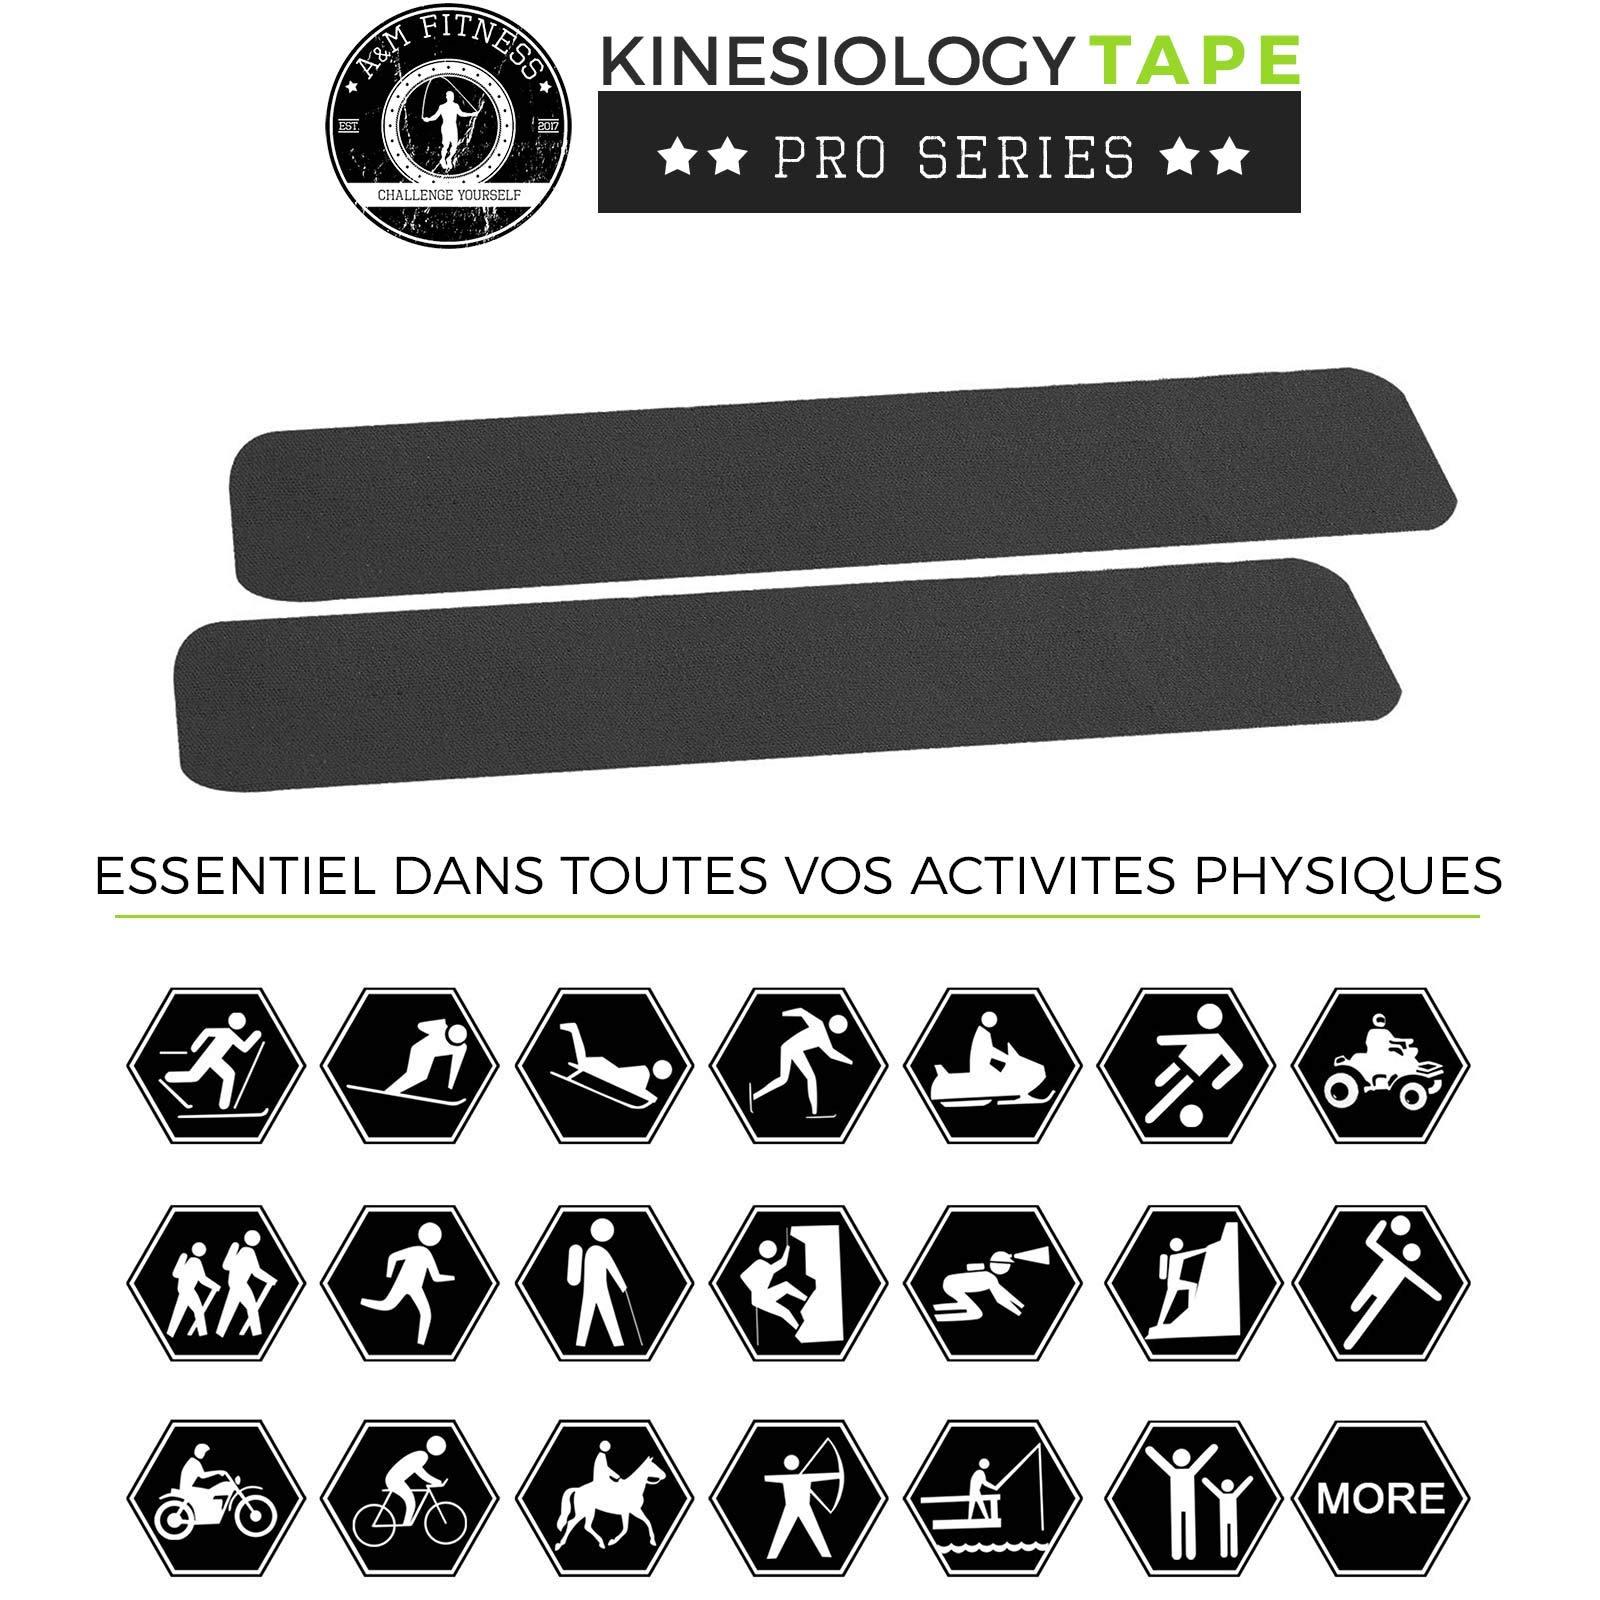 Bande de Kinesiologie Prédécoupée, Kinesio Tape pour Soutien Musculaire et Articulaire, Bande Médicale Strapping Professionnelle 2 Rouleaux de 5cm x 5mètres, Noir